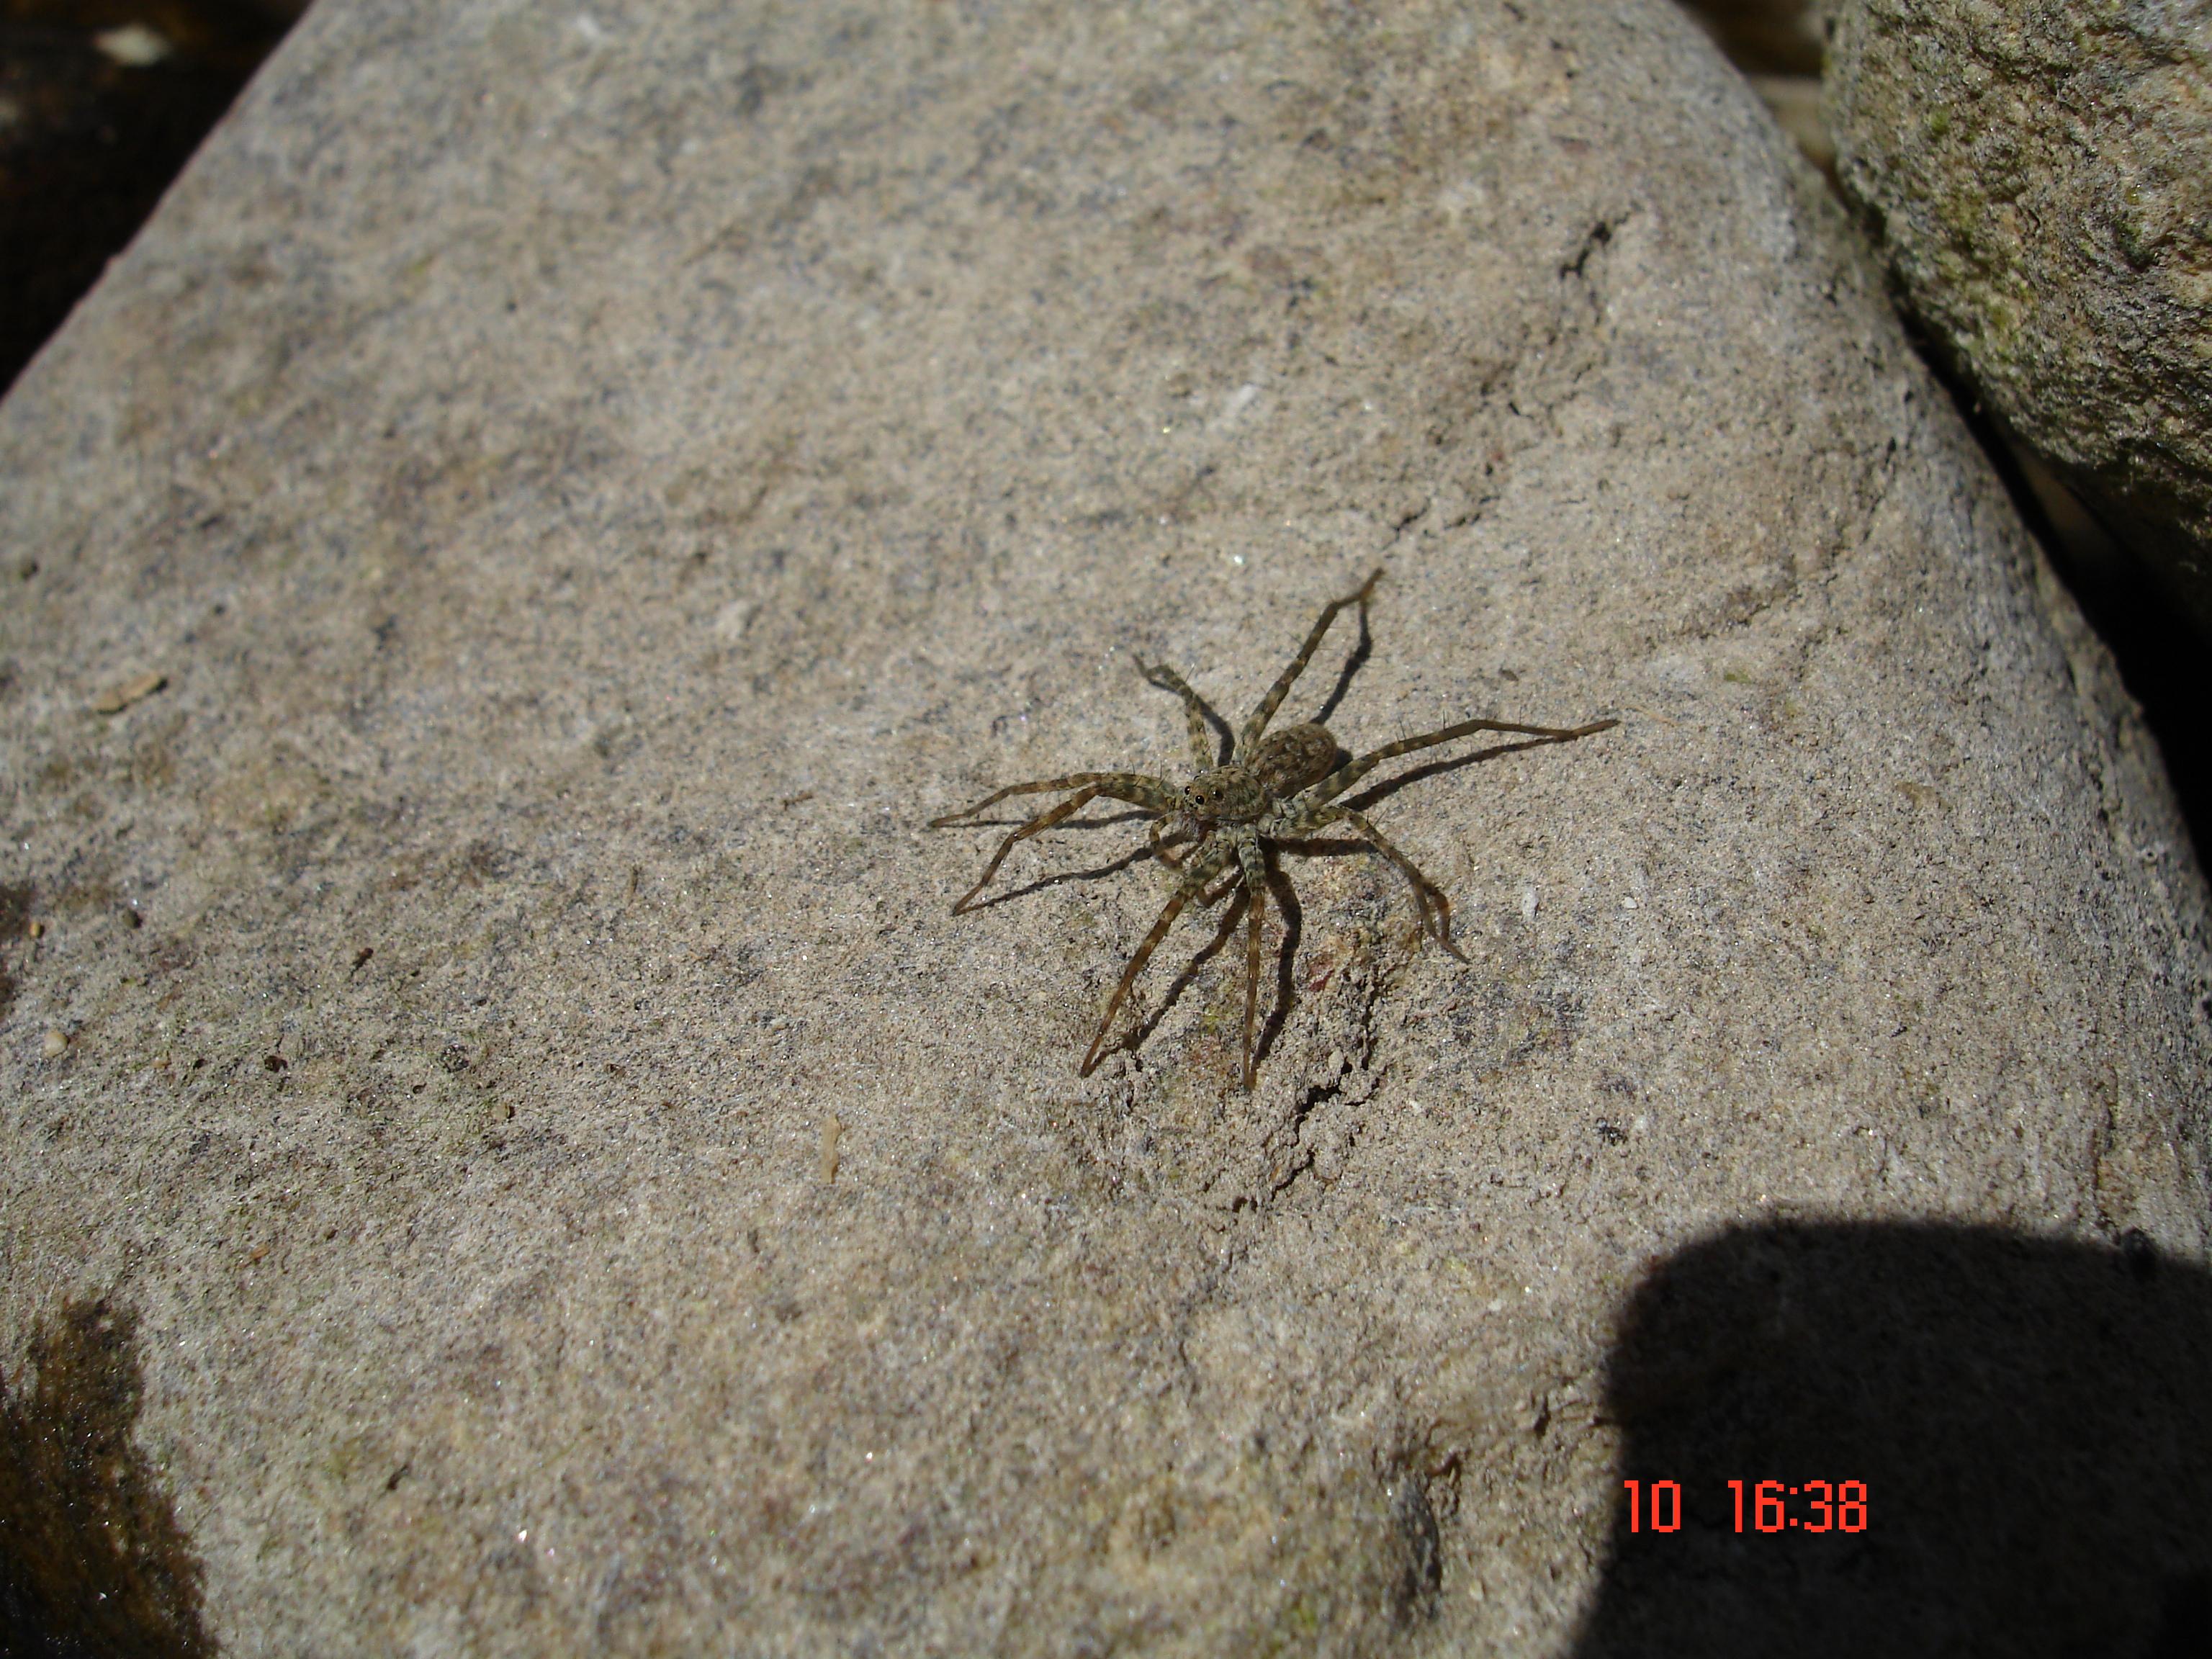 cette araign e juste au dessus de mon lit c 39 est quoi sur le forum blabla 25 35 ans 22 07. Black Bedroom Furniture Sets. Home Design Ideas